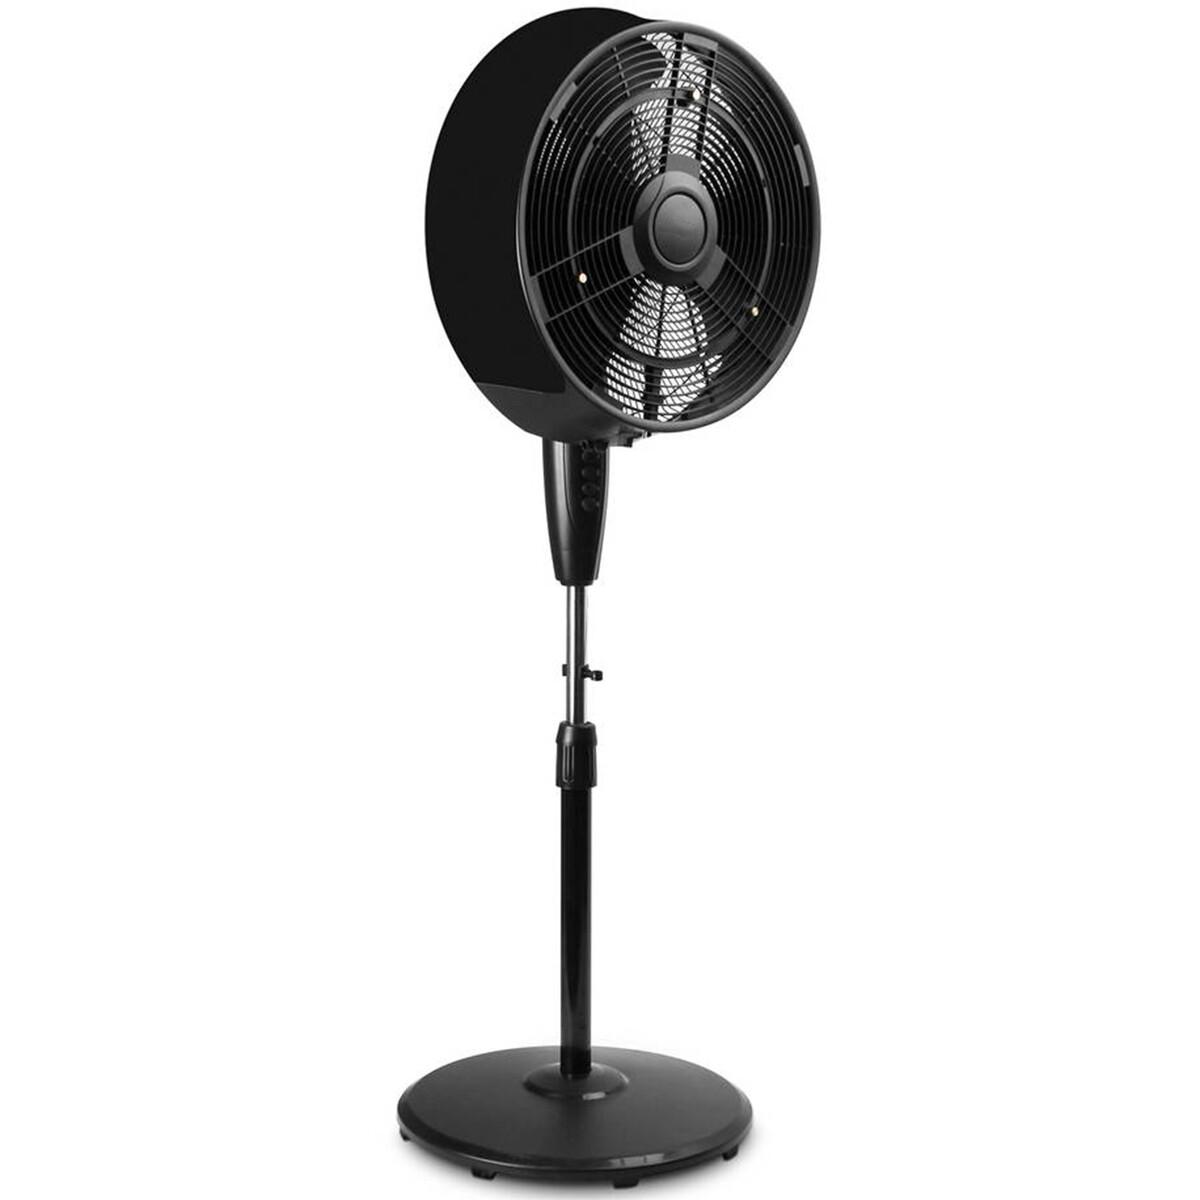 Ventilator met Water - Aigi Bruno - Mistventilator voor Buiten - Statiefventilator - Staand - Rond -